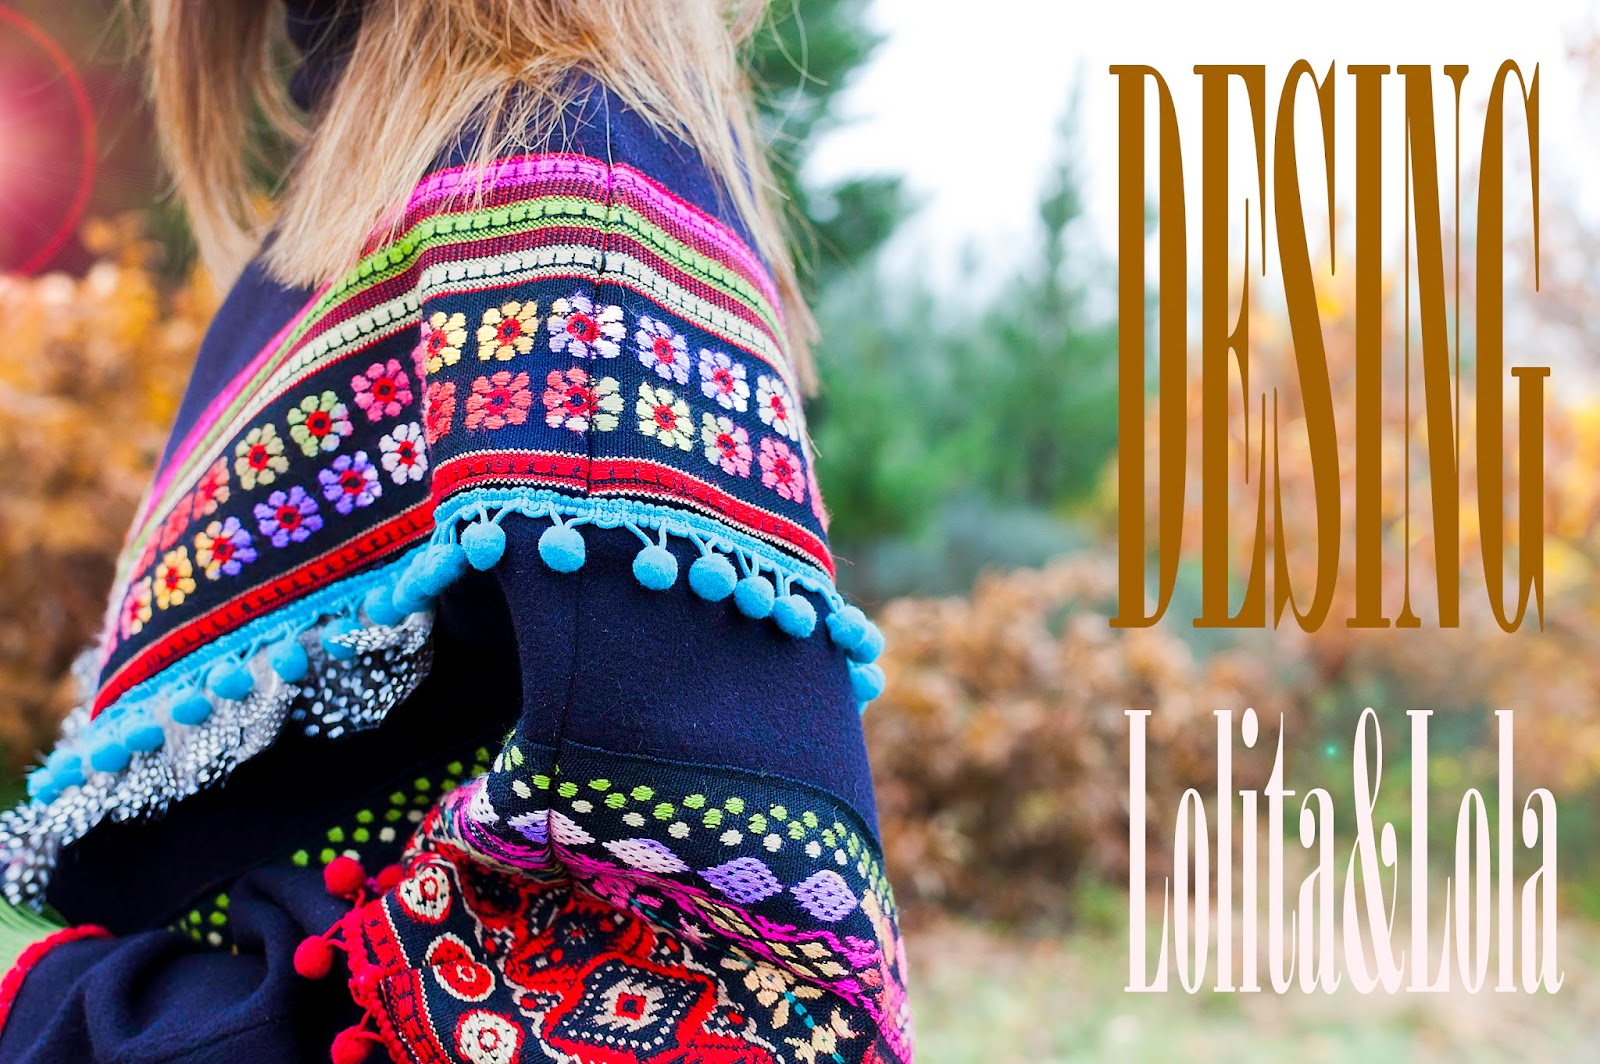 moda otoño, moda indie